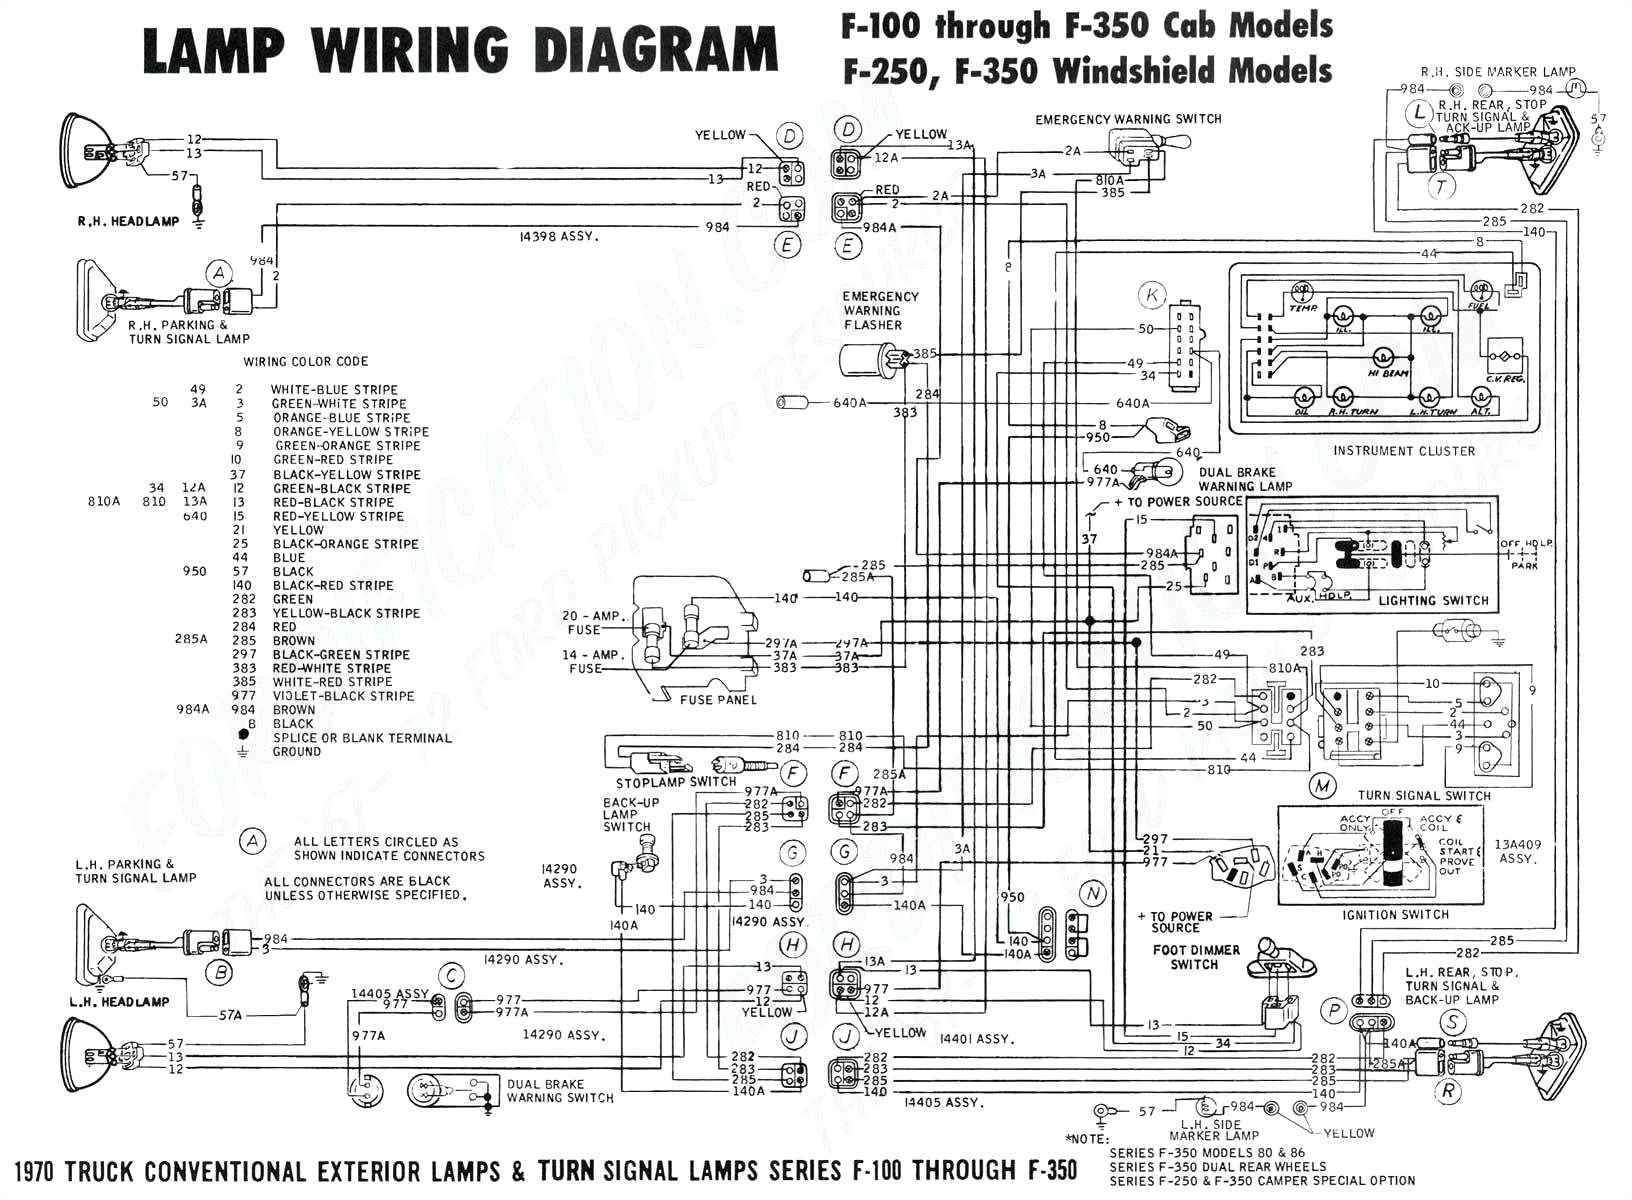 2003 dodge ram 3500 wiring diagram wiring diagram database mix dodge ram trailer wiring diagram download